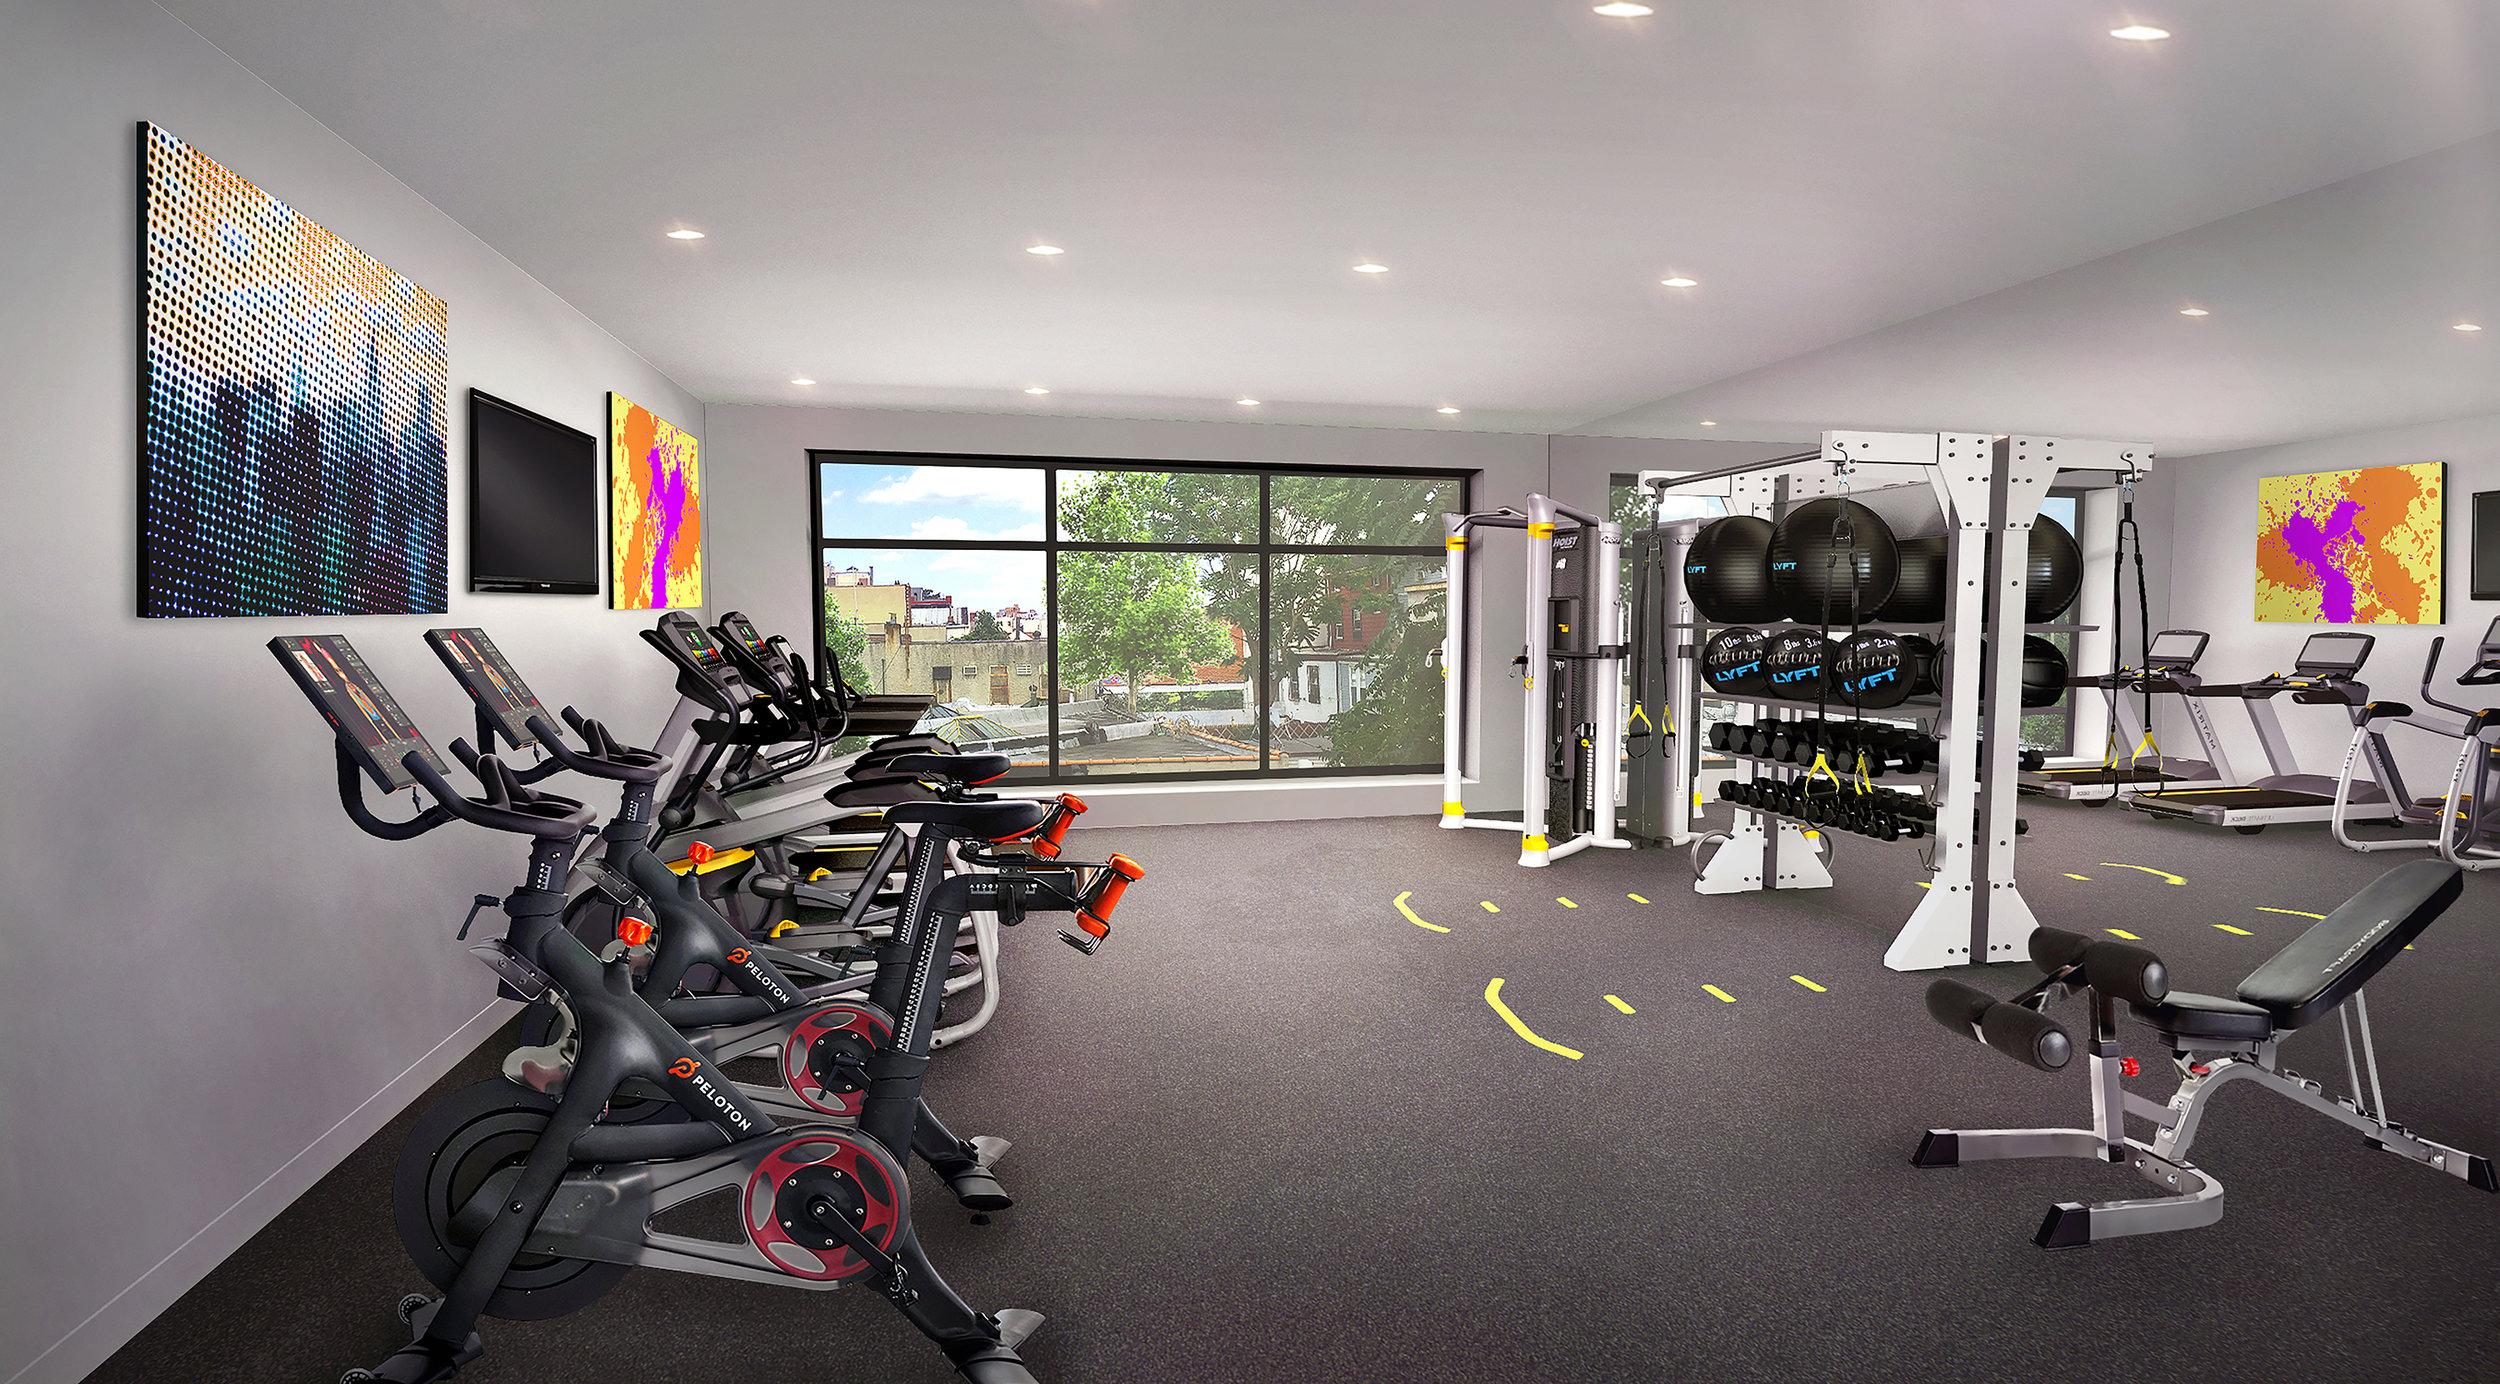 gym-round3-Final-crop3-300dpi.jpg